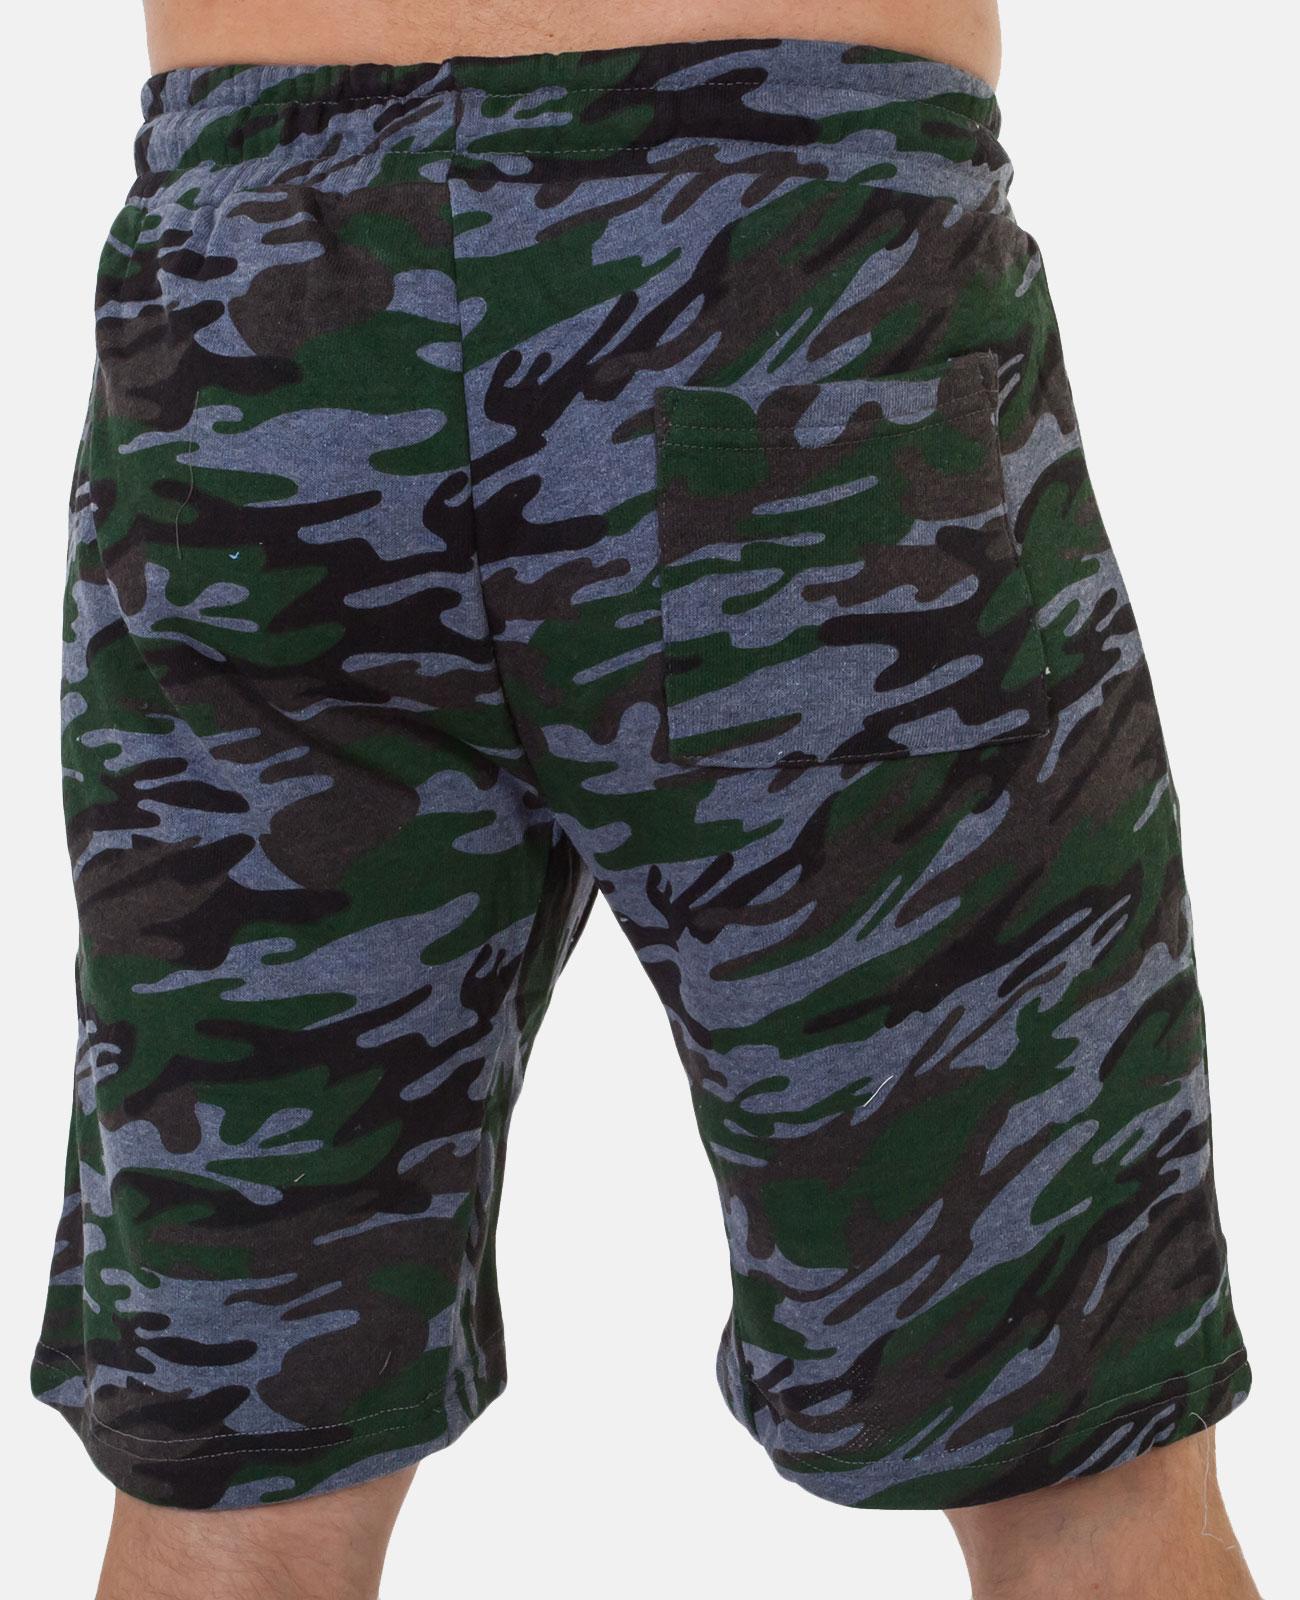 Особенные милитари шорты с карманами и нашивкой РХБЗ - купить онлайн